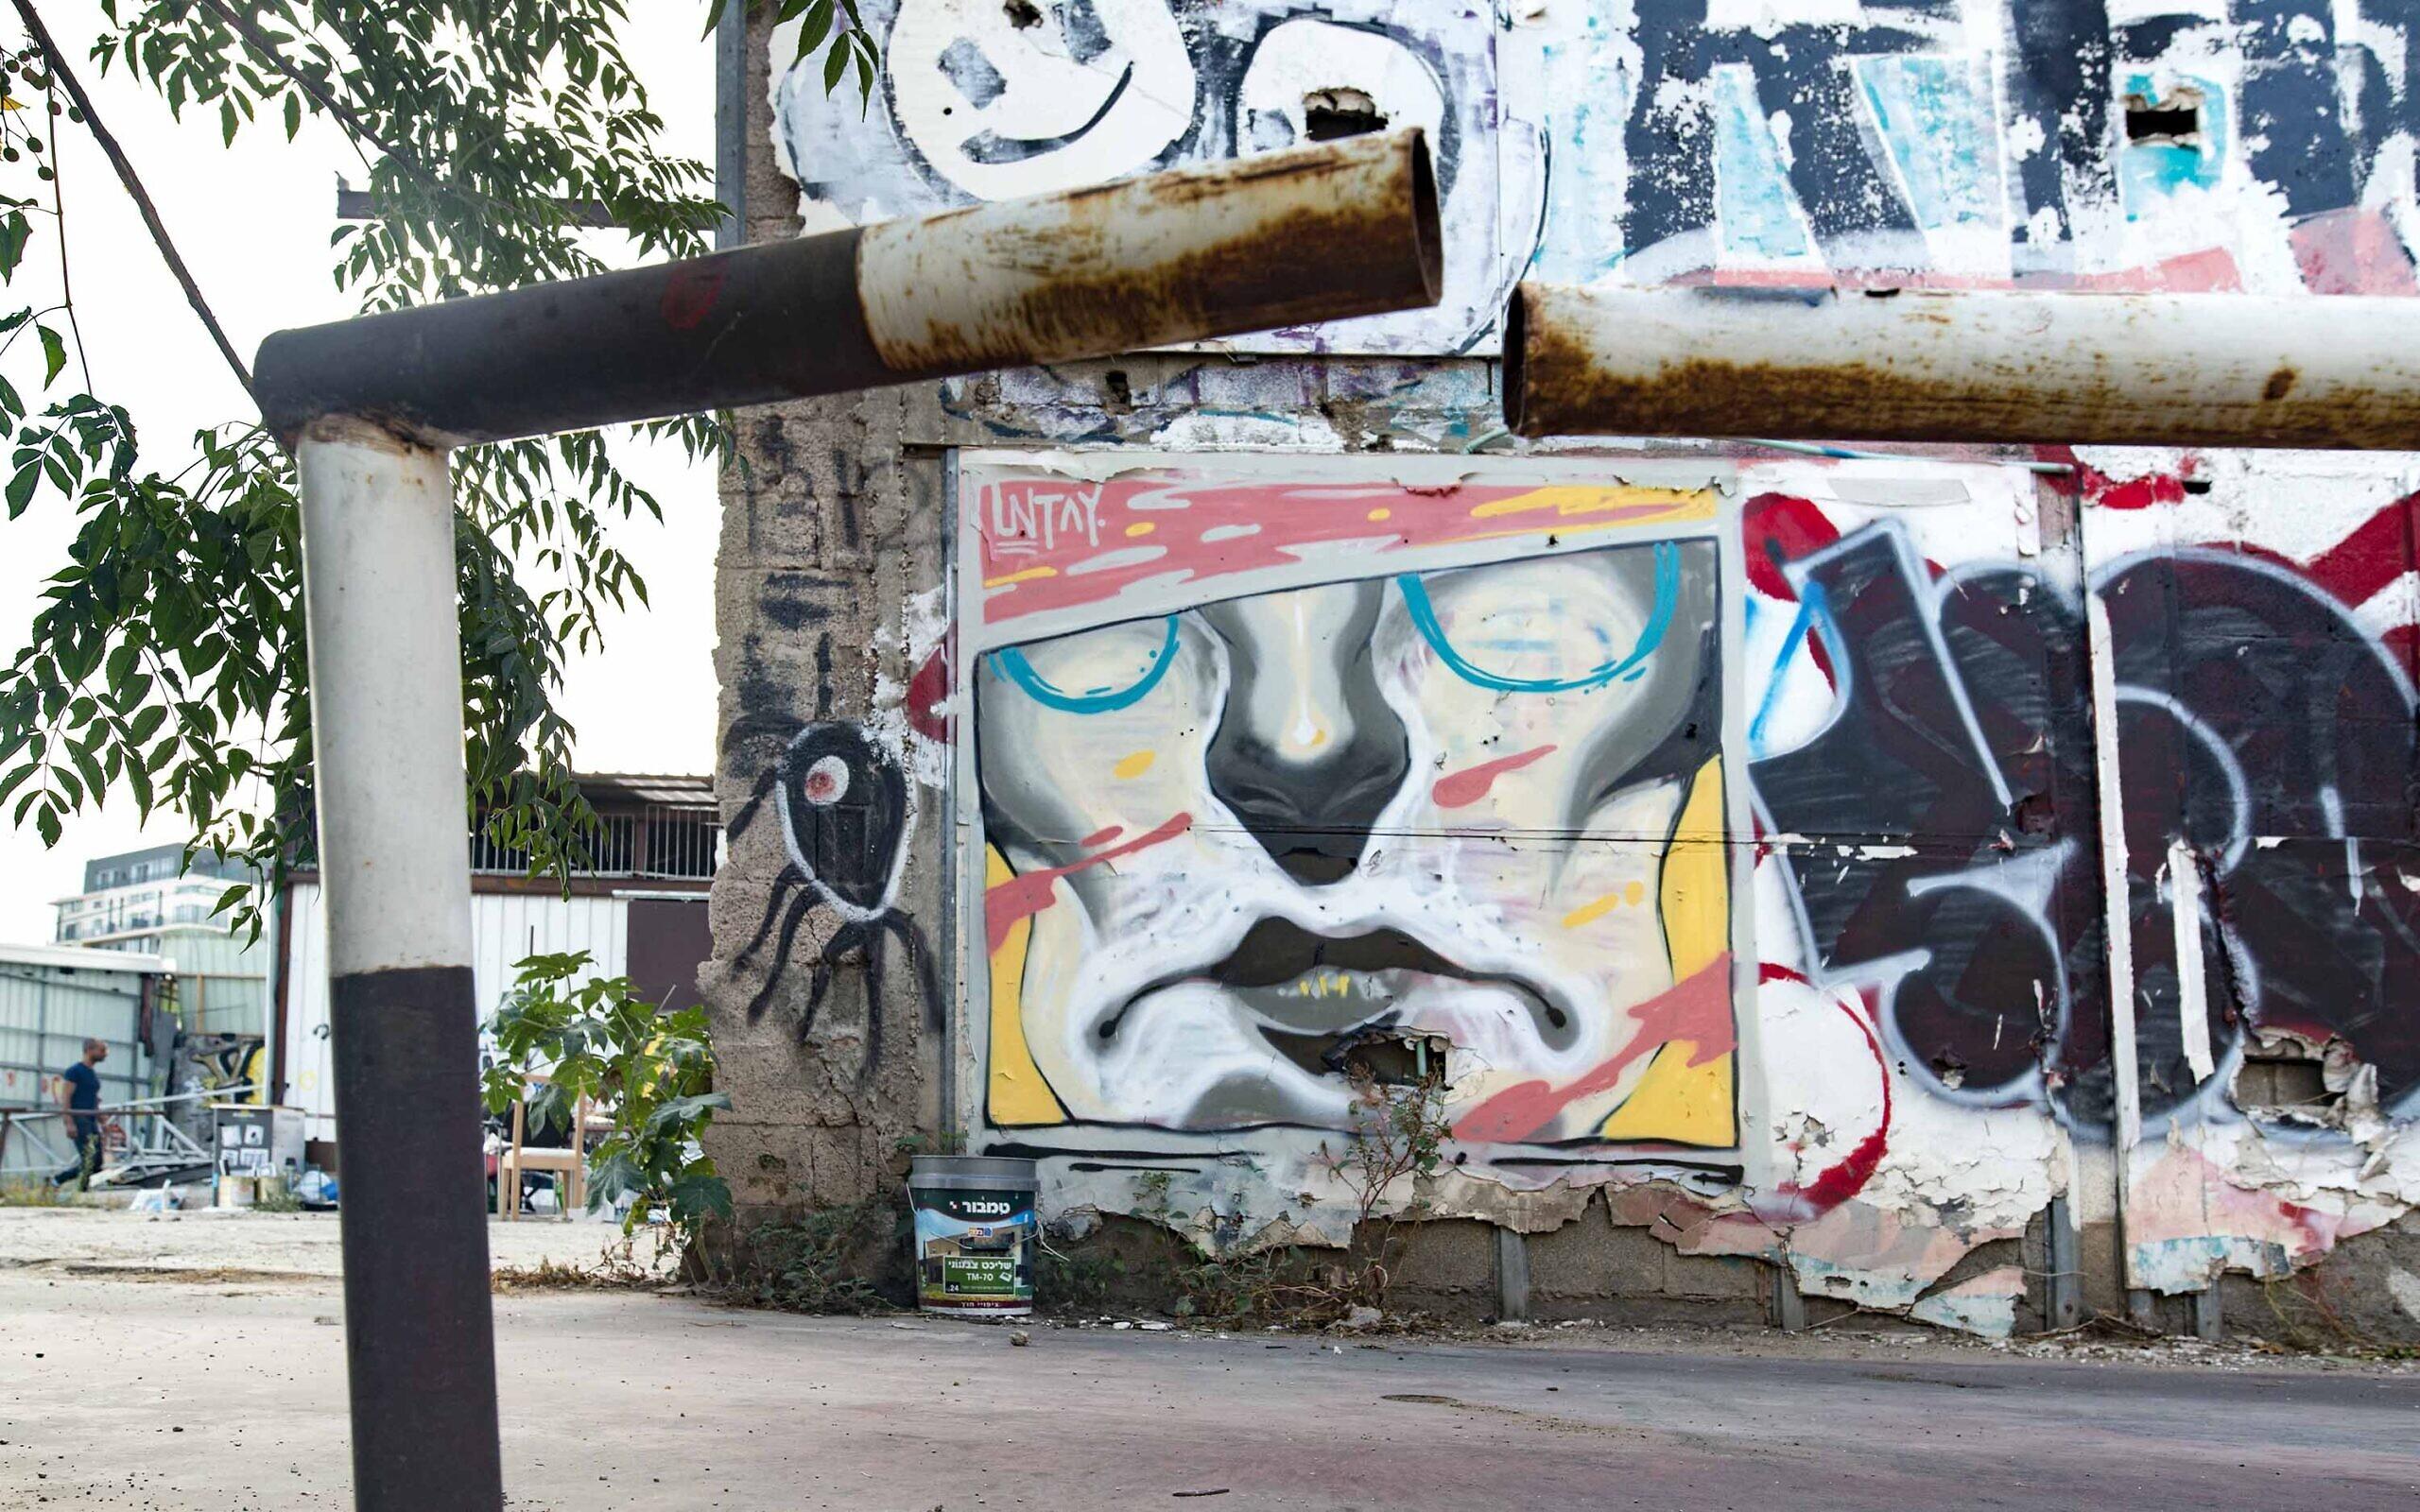 Street art in Tel Aviv by Untay. (Lord K2)